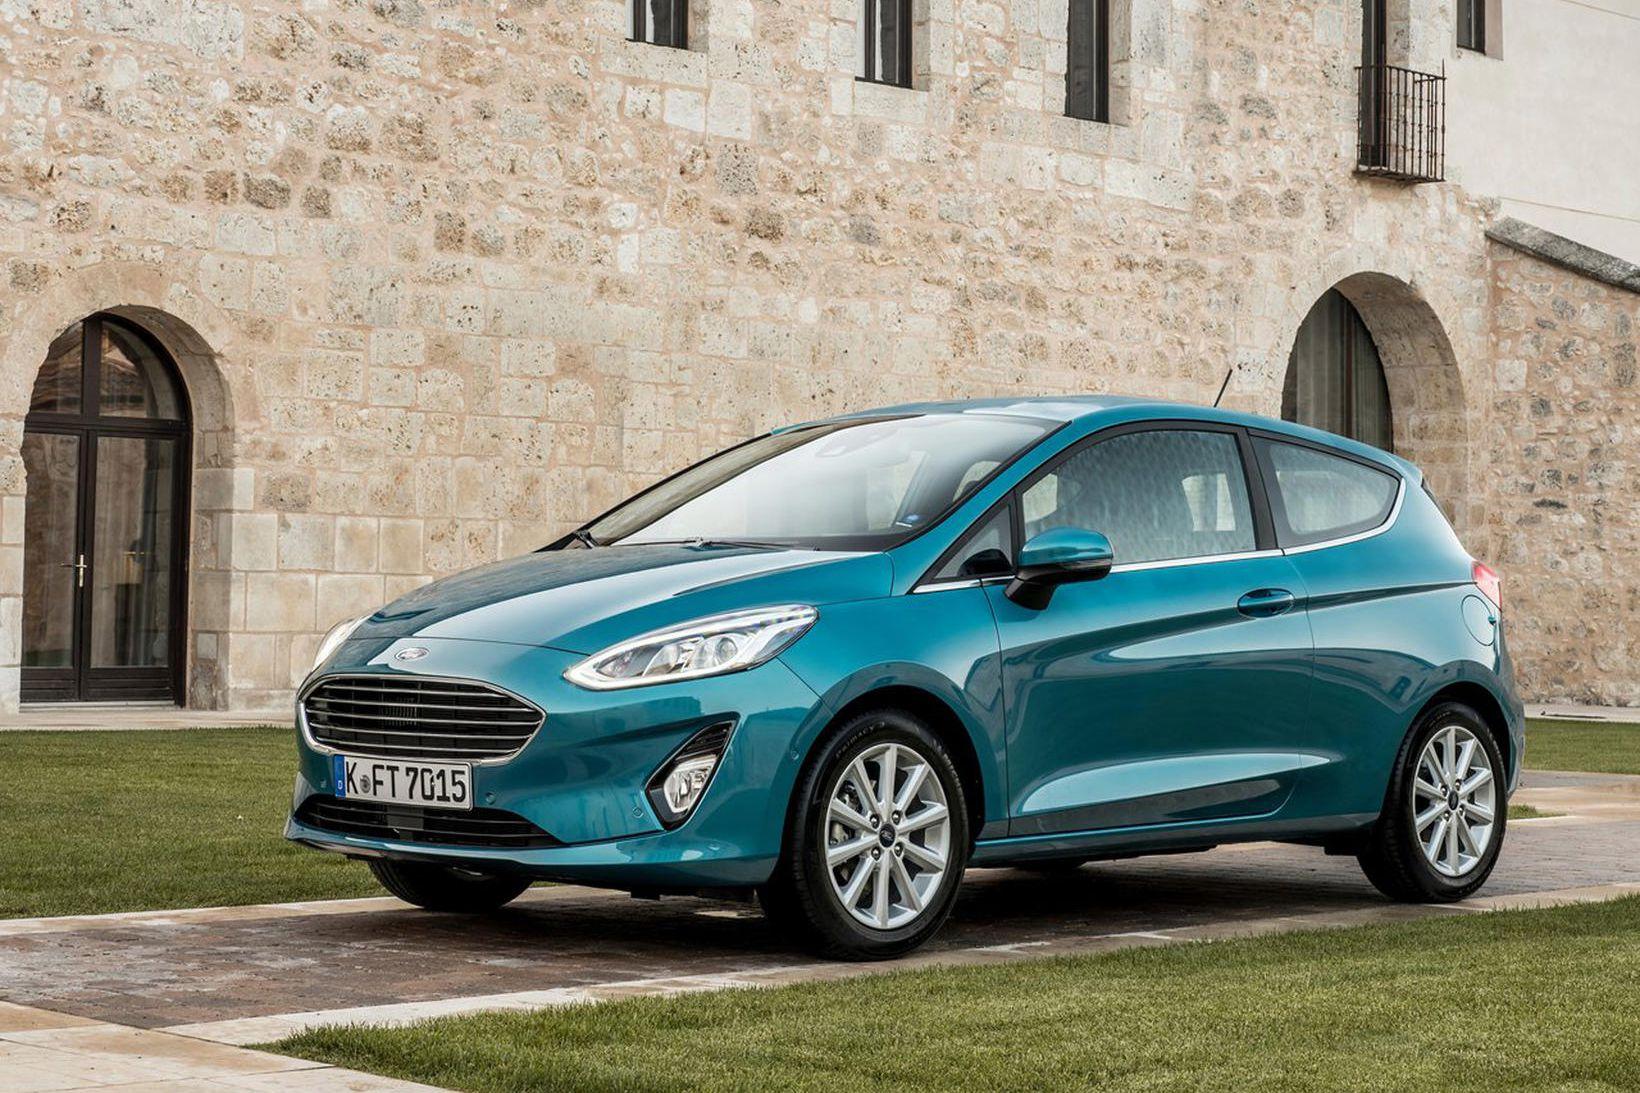 Ford Fiesta hverfur líklega senn úr framleiðslu.